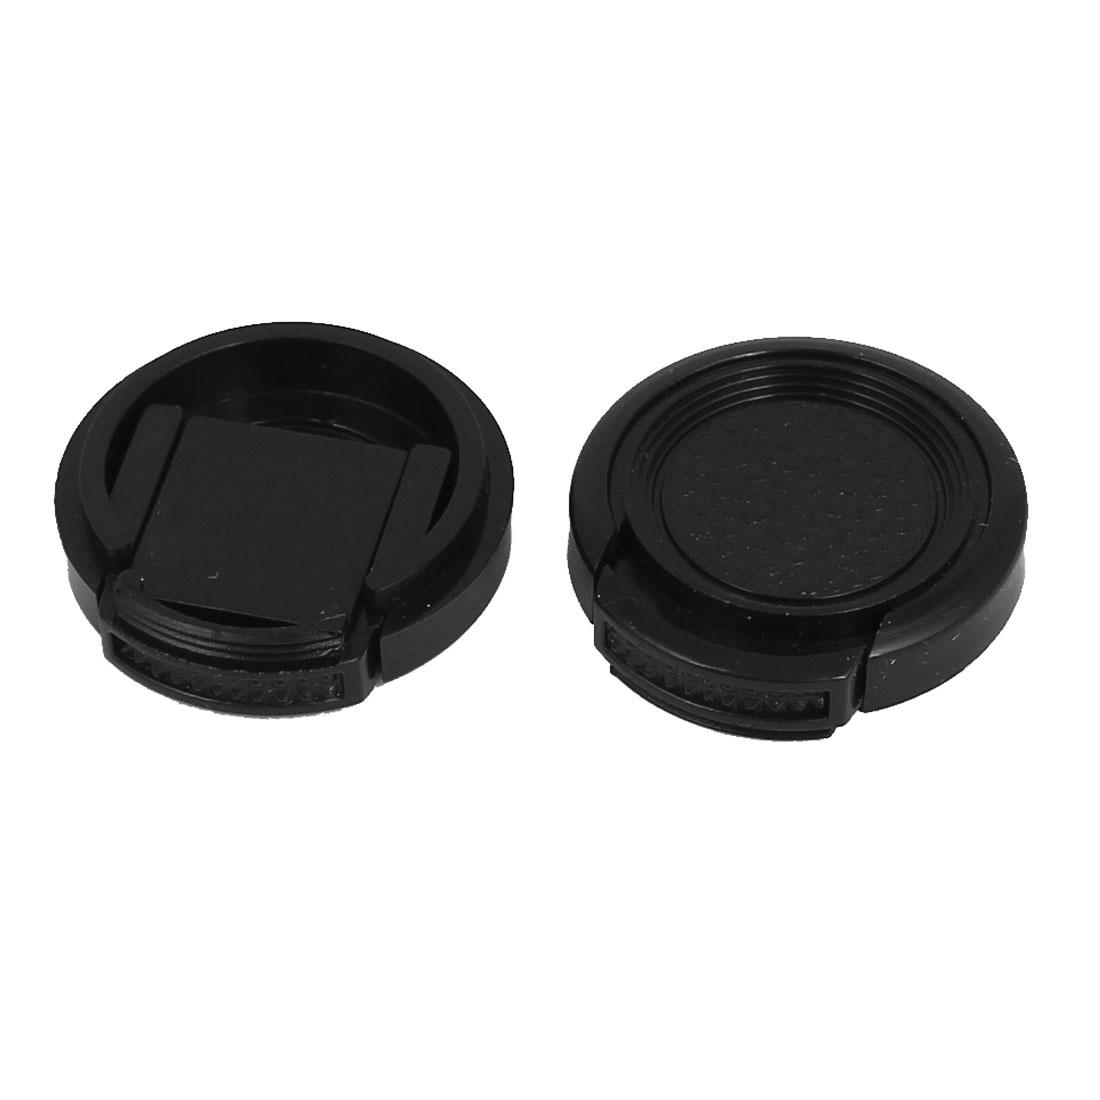 25mm Dia Vintage Style Plastic Front Snap Digital Camera Lens Cap Protector 2Pcs